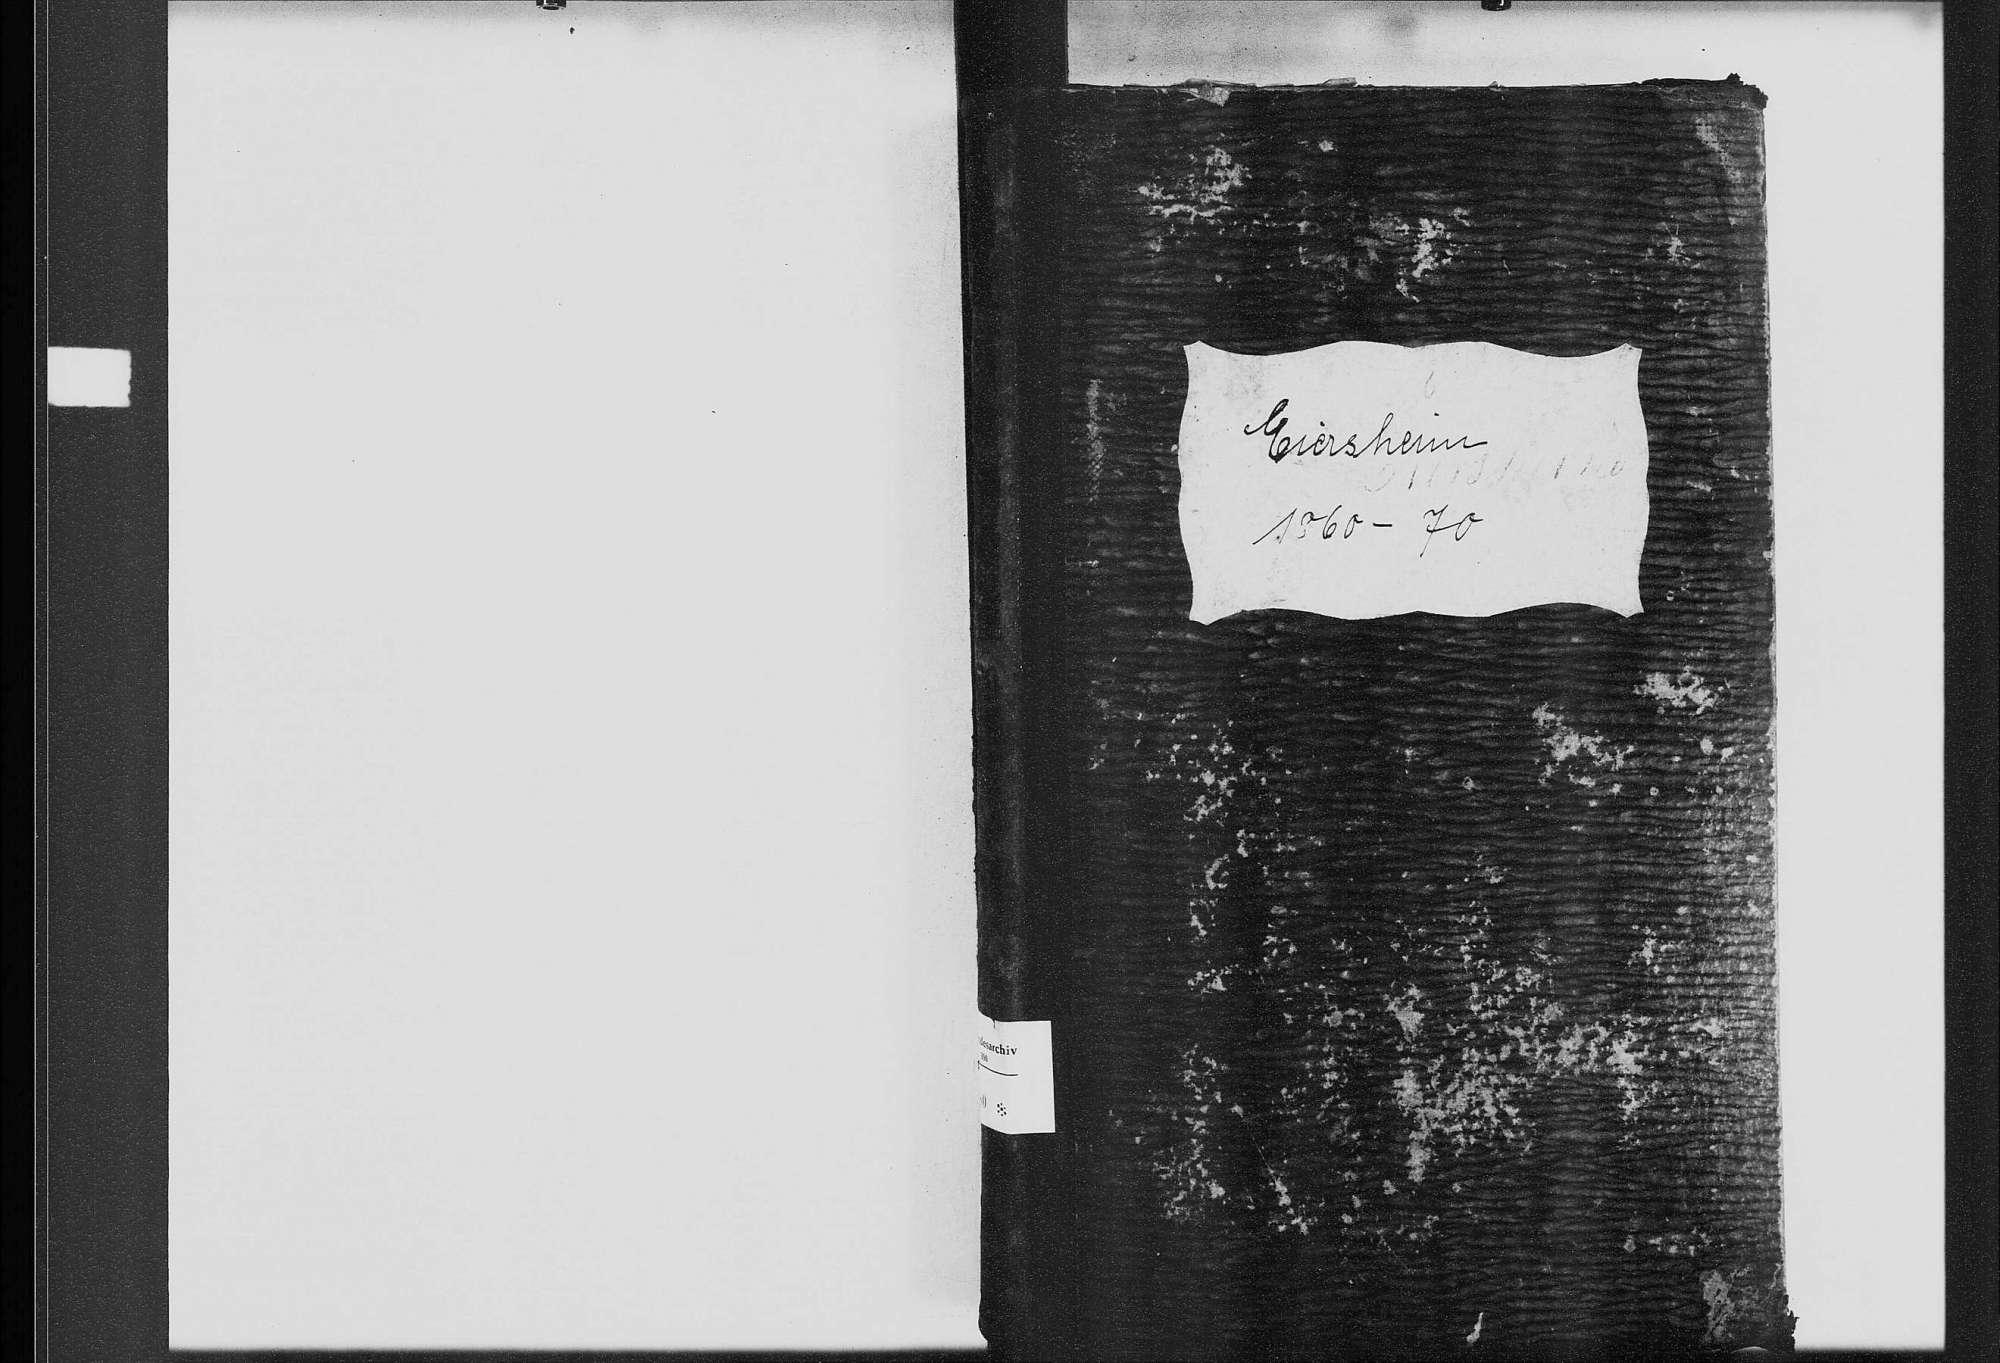 Eiersheim, katholische Gemeinde: Standesbuch 1860-1870, Bild 1